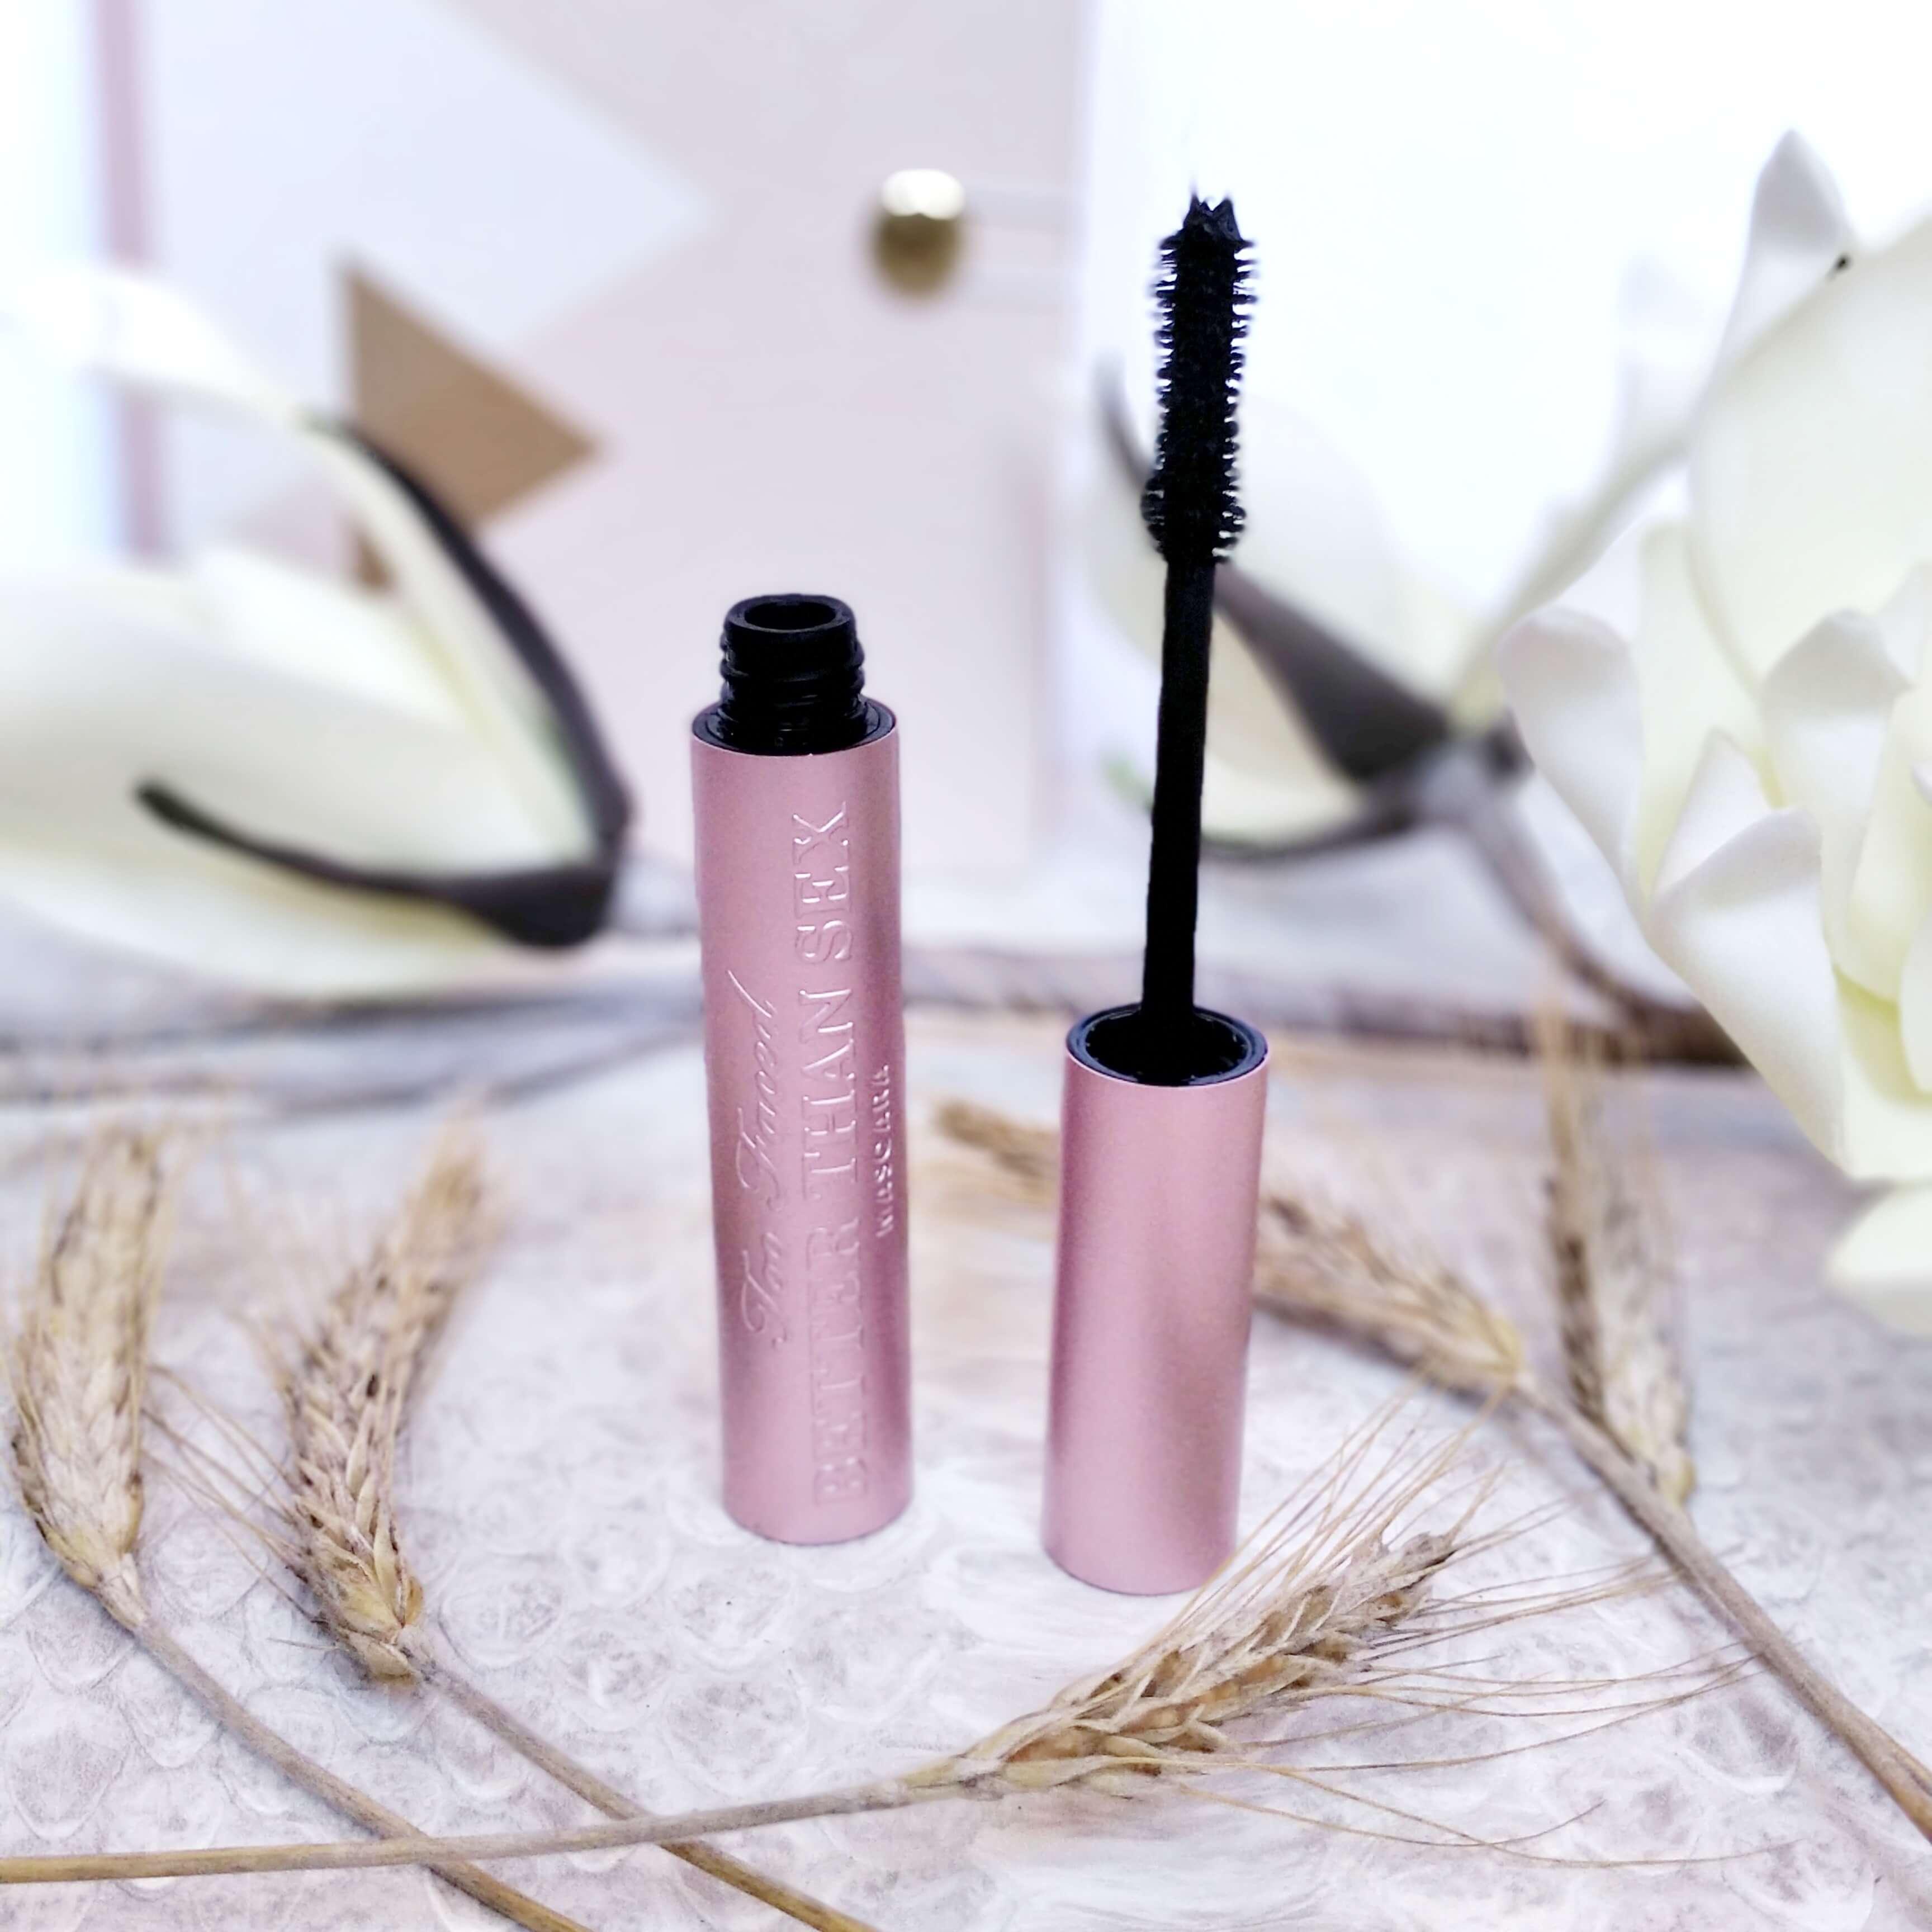 mascara too faced better than sex - Ce qu'Instagram m'a fait acheter...